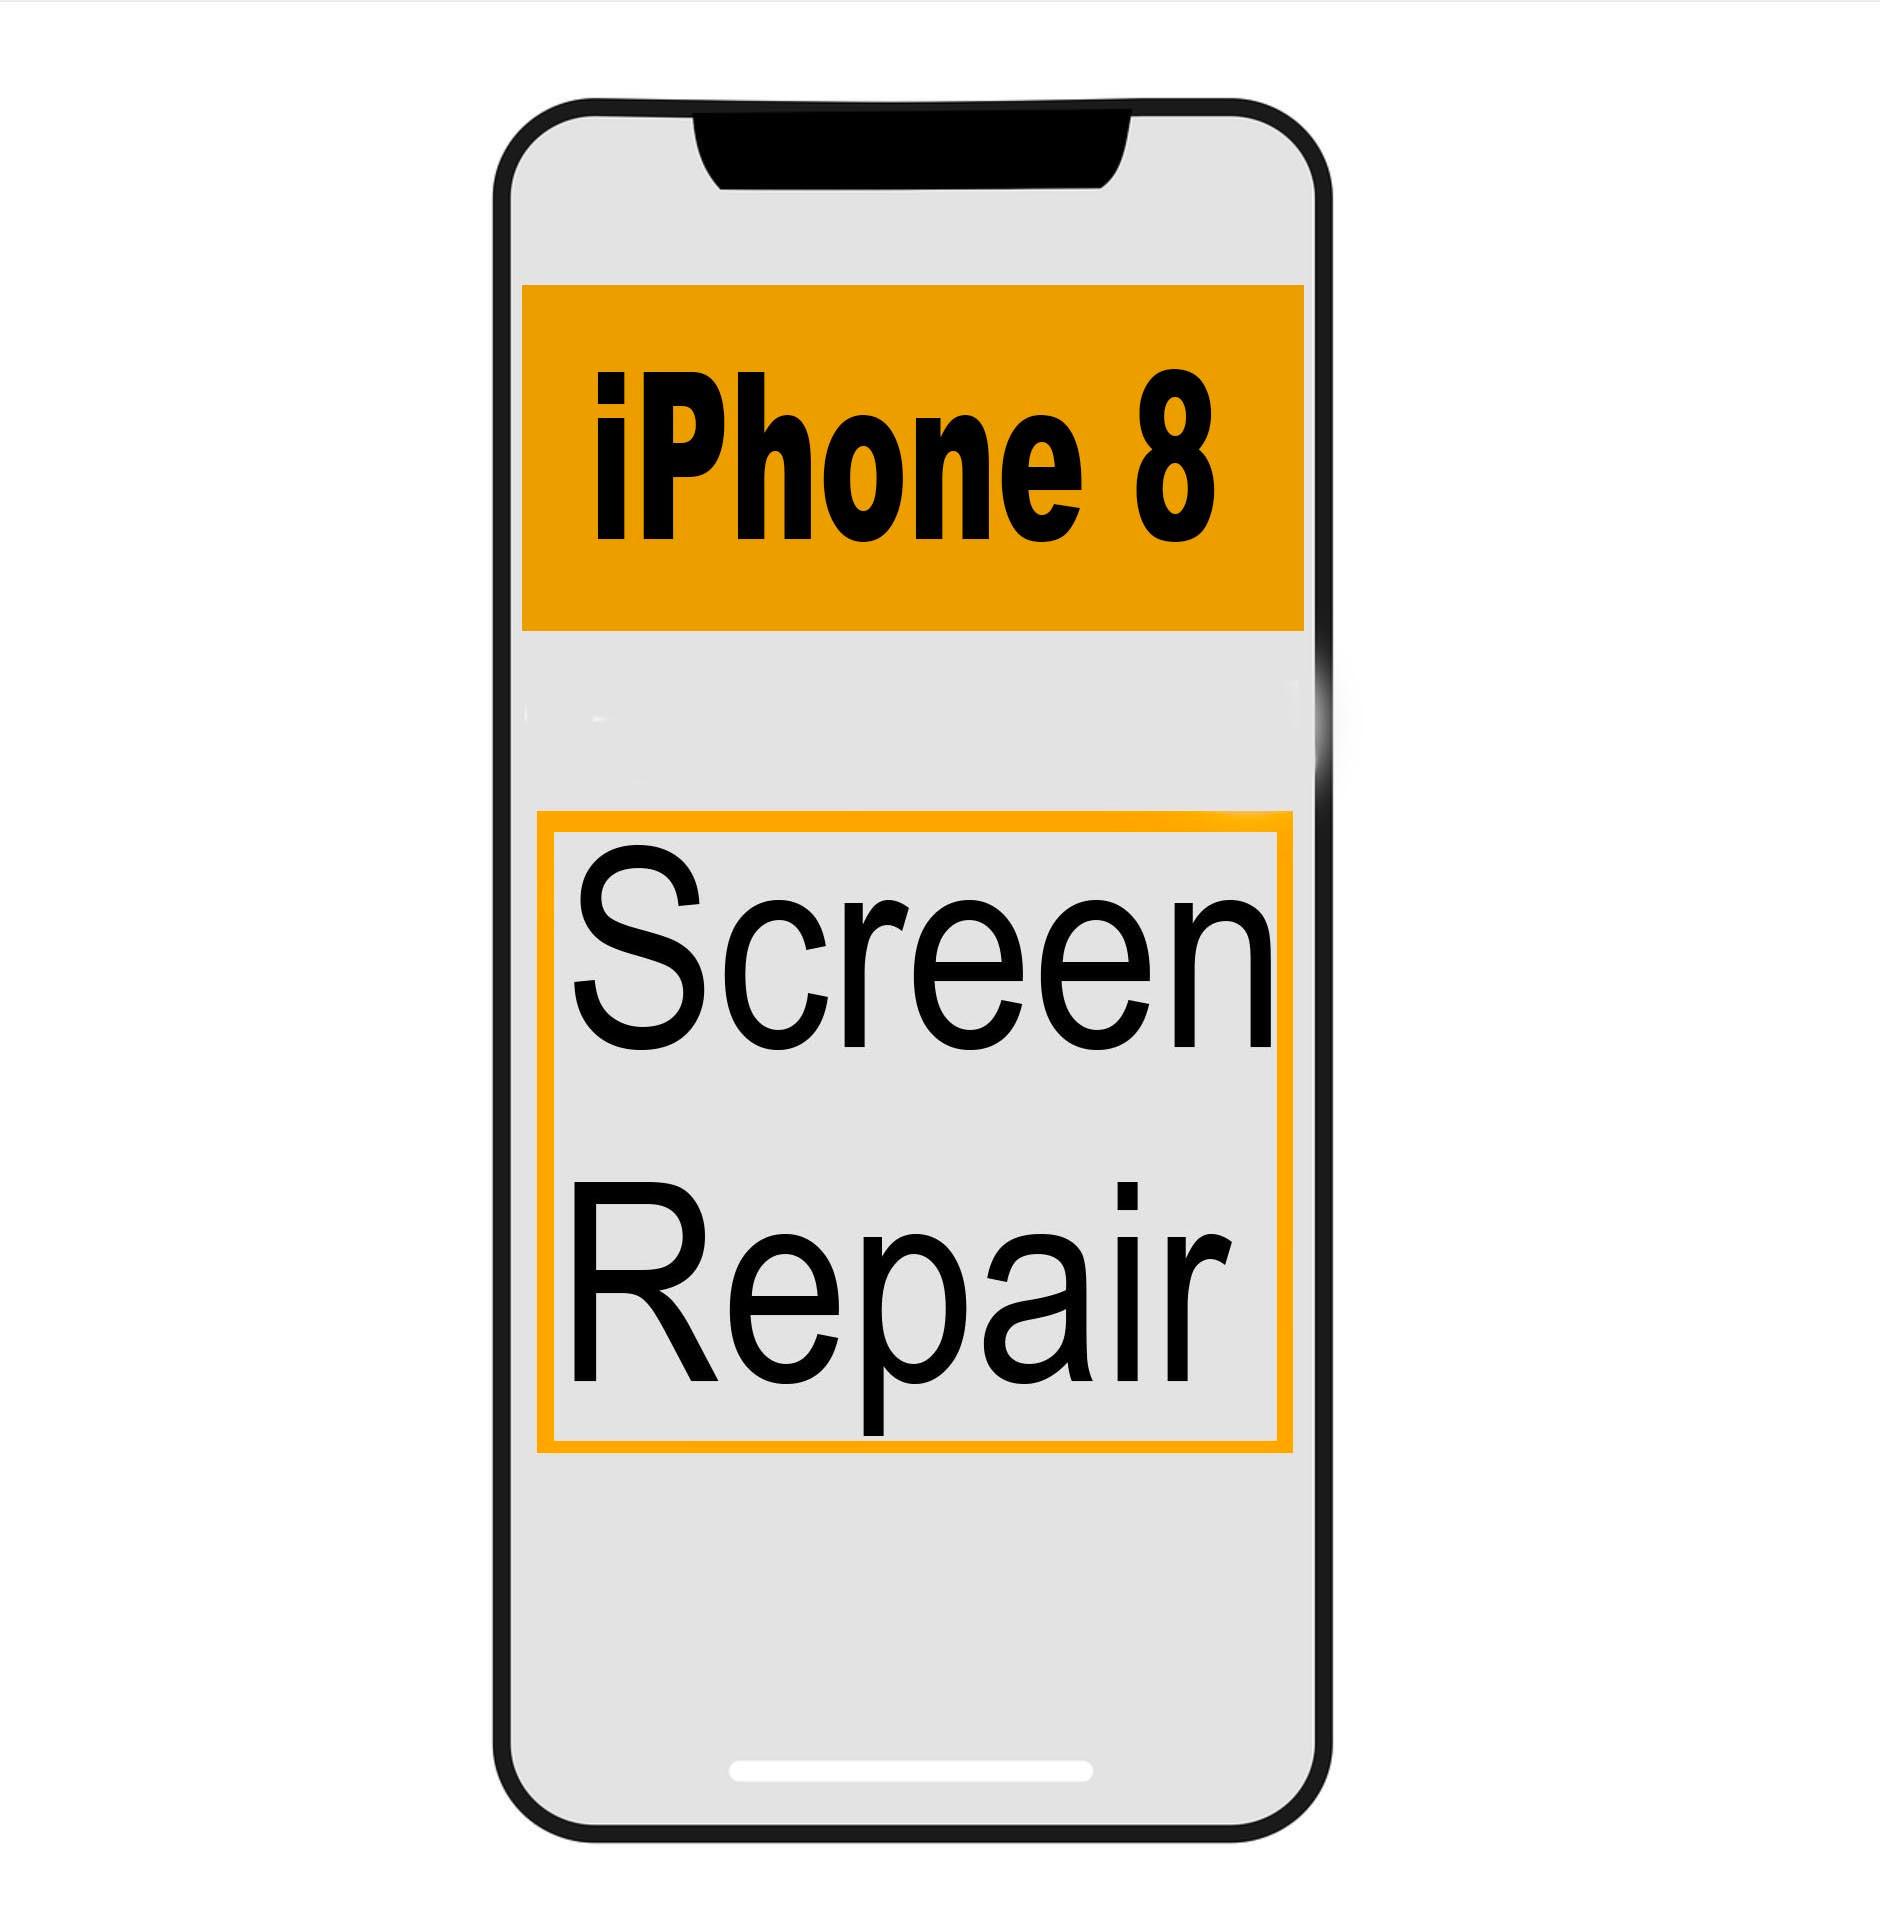 iPhone 8 Screen Repair